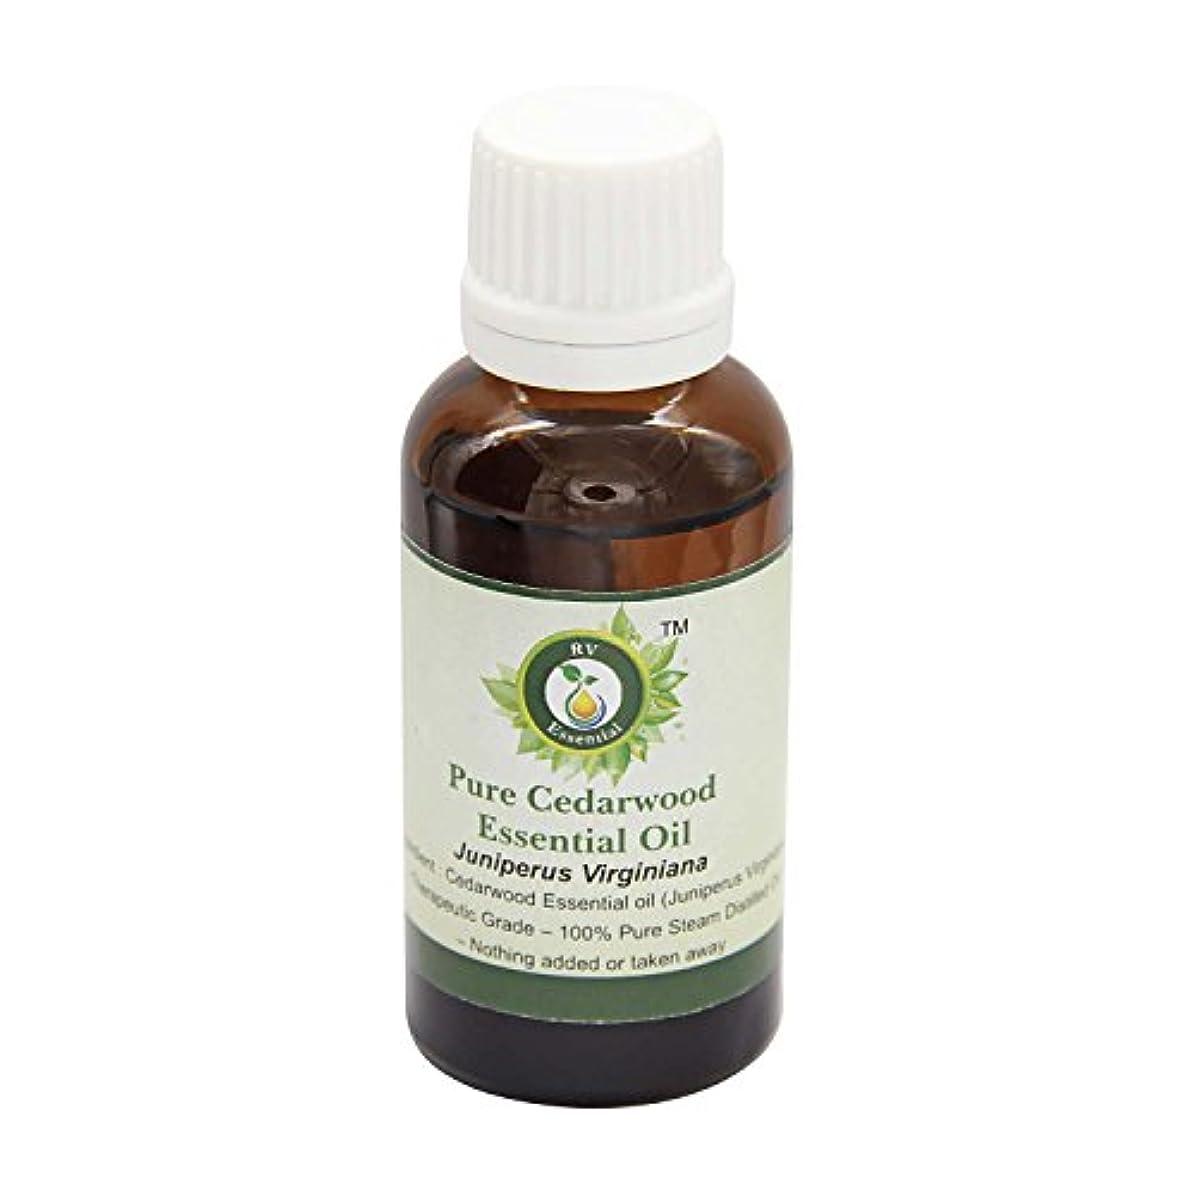 収穫ポーチワインR V Essential 純粋なシダーウッドエッセンシャルオイル10ml (0.338oz)- Juniperus Virginiana (100%純粋&天然スチームDistilled) Pure Cedarwood...